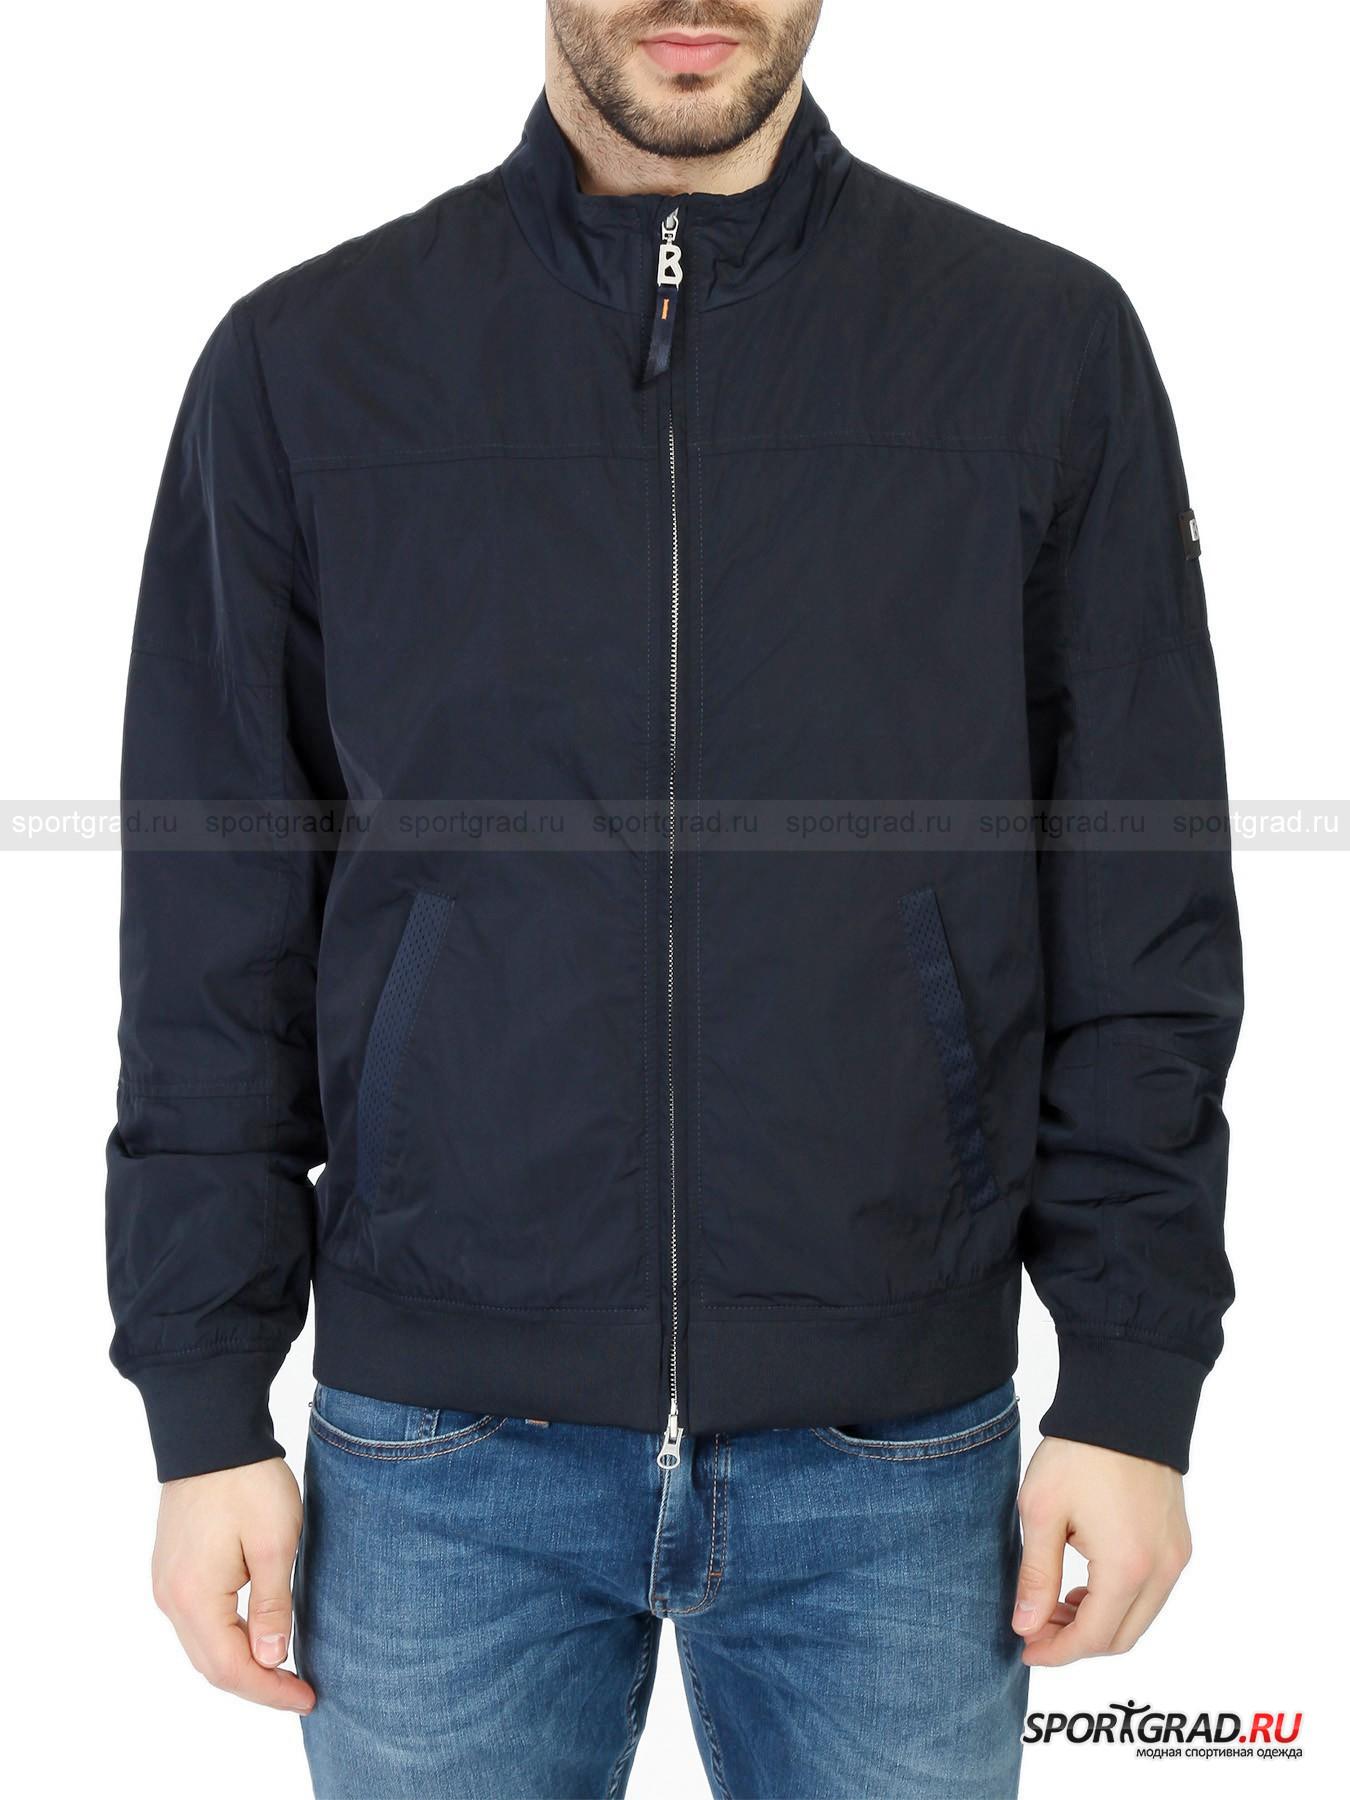 Ветровка мужская  BOGNER JEANSВетровки<br>Стильная куртка-ветровка от Bogner Jeans имеет два слоя: верхний материал, прочный, ветро- и водоустойчивый, обладающий красивым матовым отблеском дополнен подкладкой цвета «серый меланж», изготовленной преимущественно из хлопка. Это сочетание позволяет куртке защищать от непогоды, предоставляя полный комфорт. Внутри также имеется вставка из сетчатой ткани, обеспечивающая хорошую воздухопроницаемость, а значит препятствующая образованию пота.<br><br>Особенности модели:<br>- воротник-стойка;<br>- фронтальная молния с двумя бегунками;<br>- манжеты и пояс на резинке;<br>- два кармана снаружи и один на молнии внутри.<br><br>Пол: Мужской<br>Возраст: Взрослый<br>Тип: Ветровки<br>Рекомендации по уходу: стирка в теплой воде до 30 С; не отбеливать; не гладить; щадящая химическая чистка; нельзя выжимать и сушить в стиральной машине<br>Состав: Материал верха: 100% полиэстер; подкладка 65% хлопок, 35% полиэстер.